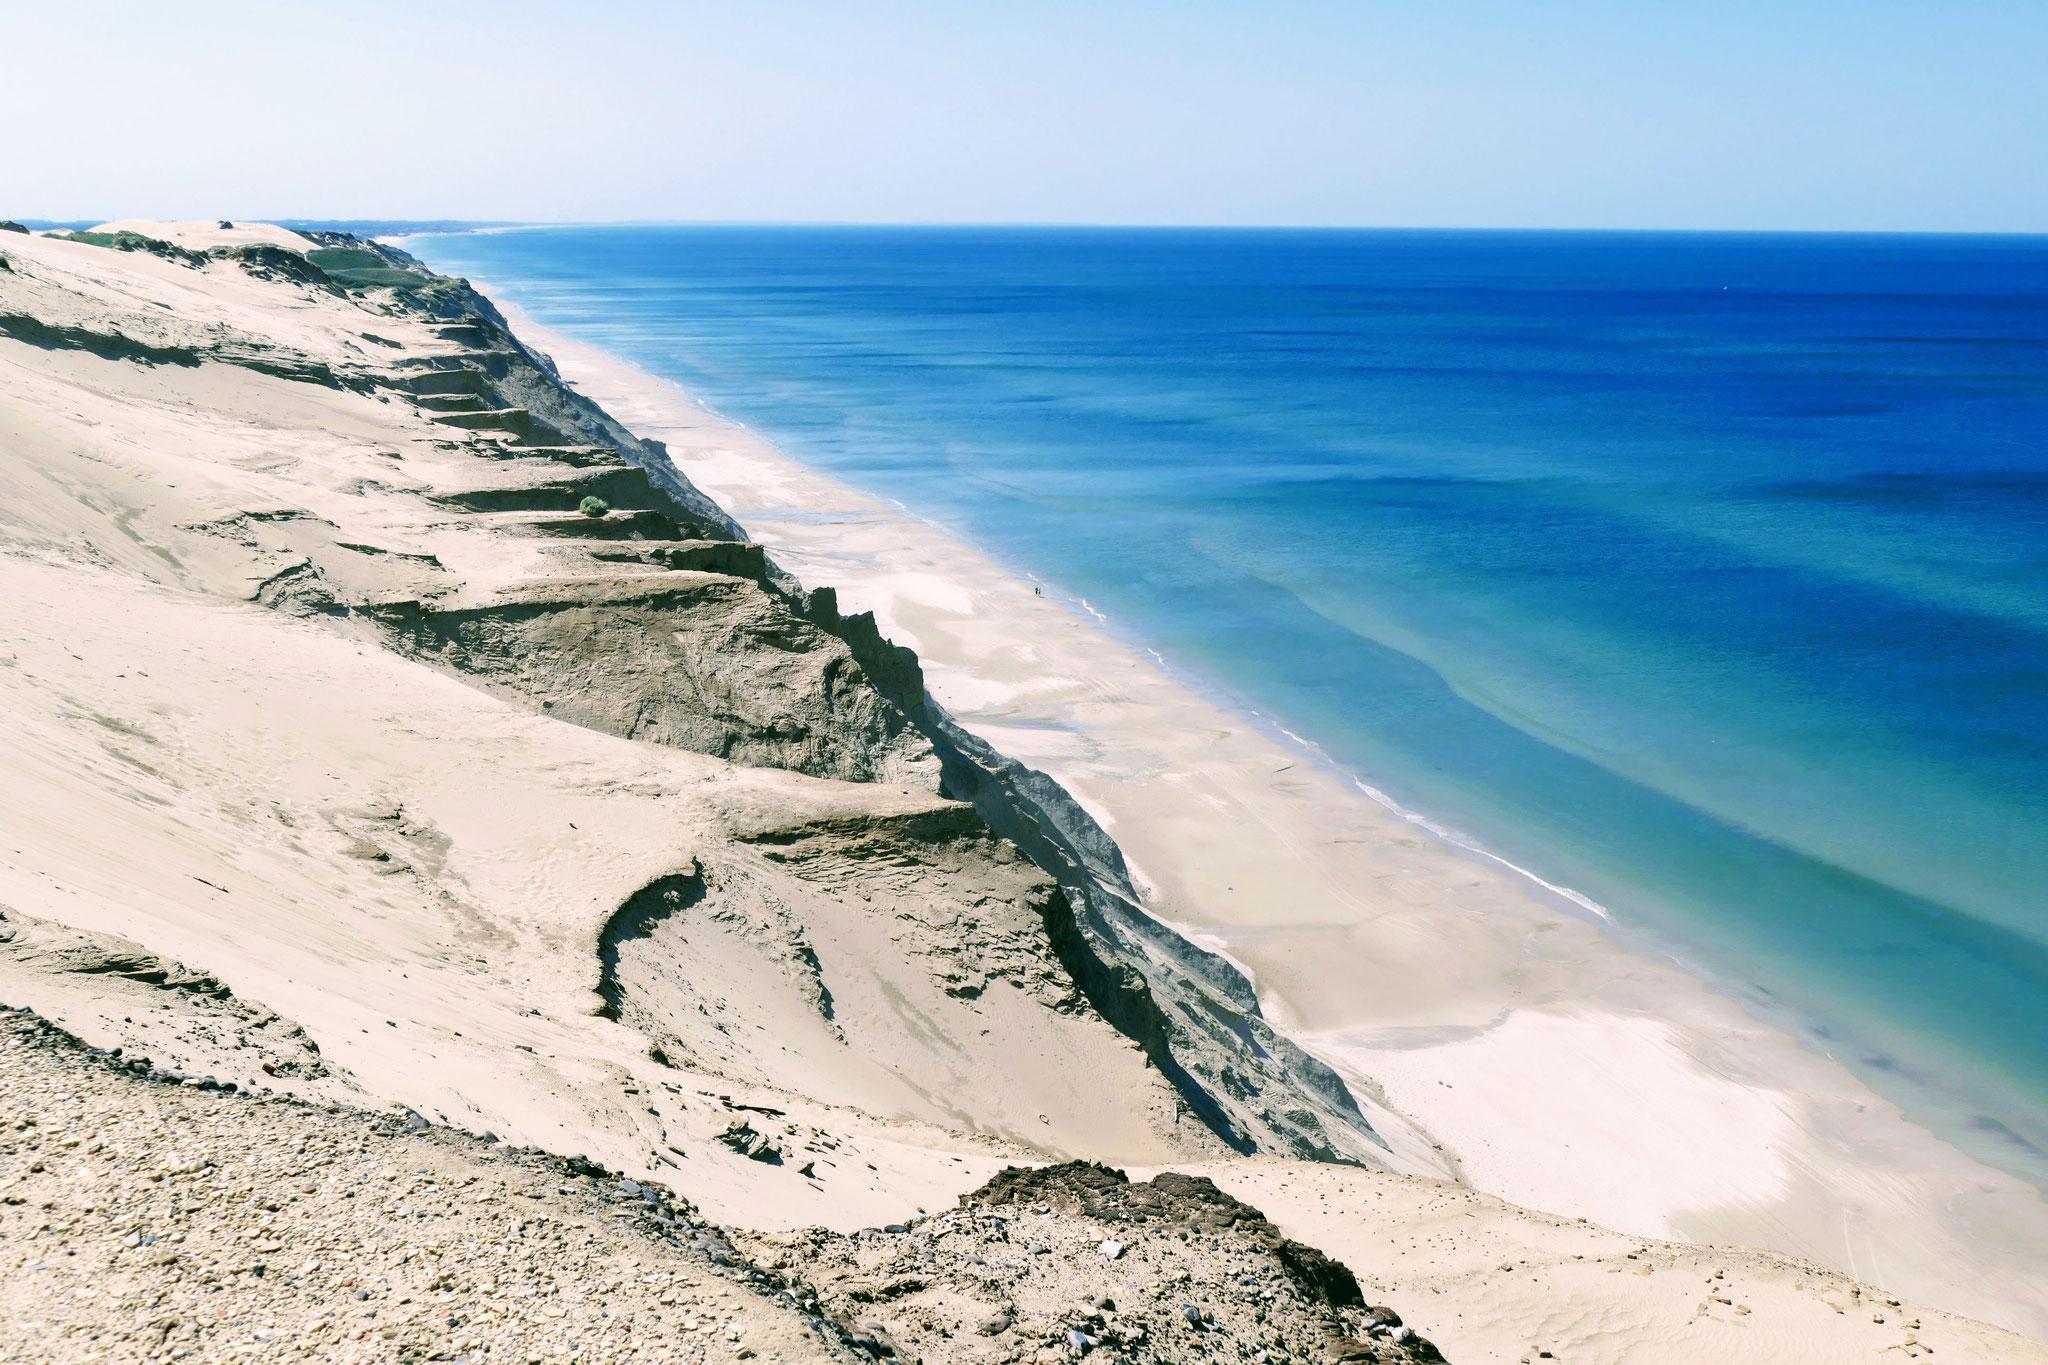 Die Fantastischen Küsten in Dänemark